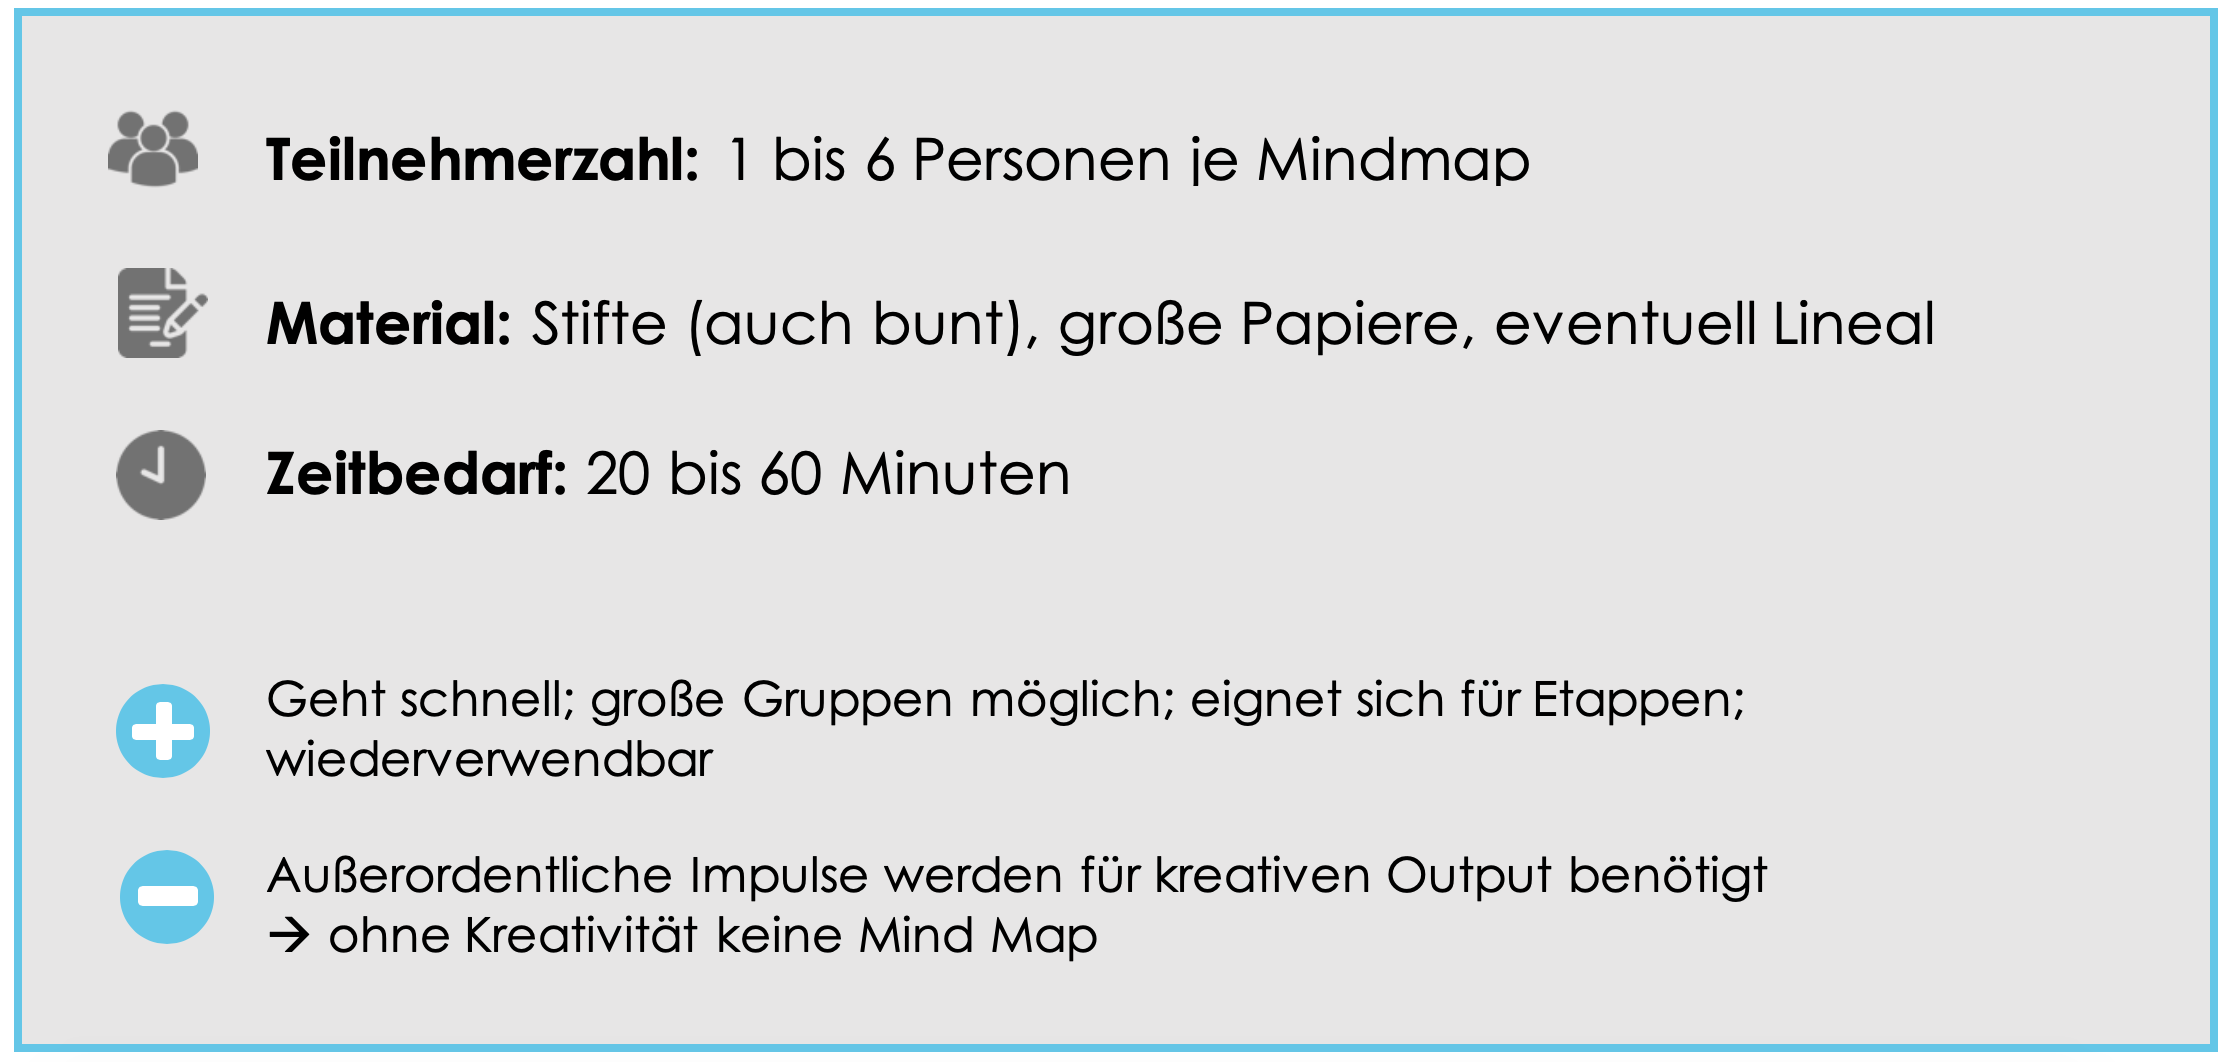 Kreativitätstechnik für Einzelpersonen: Mind Mapping